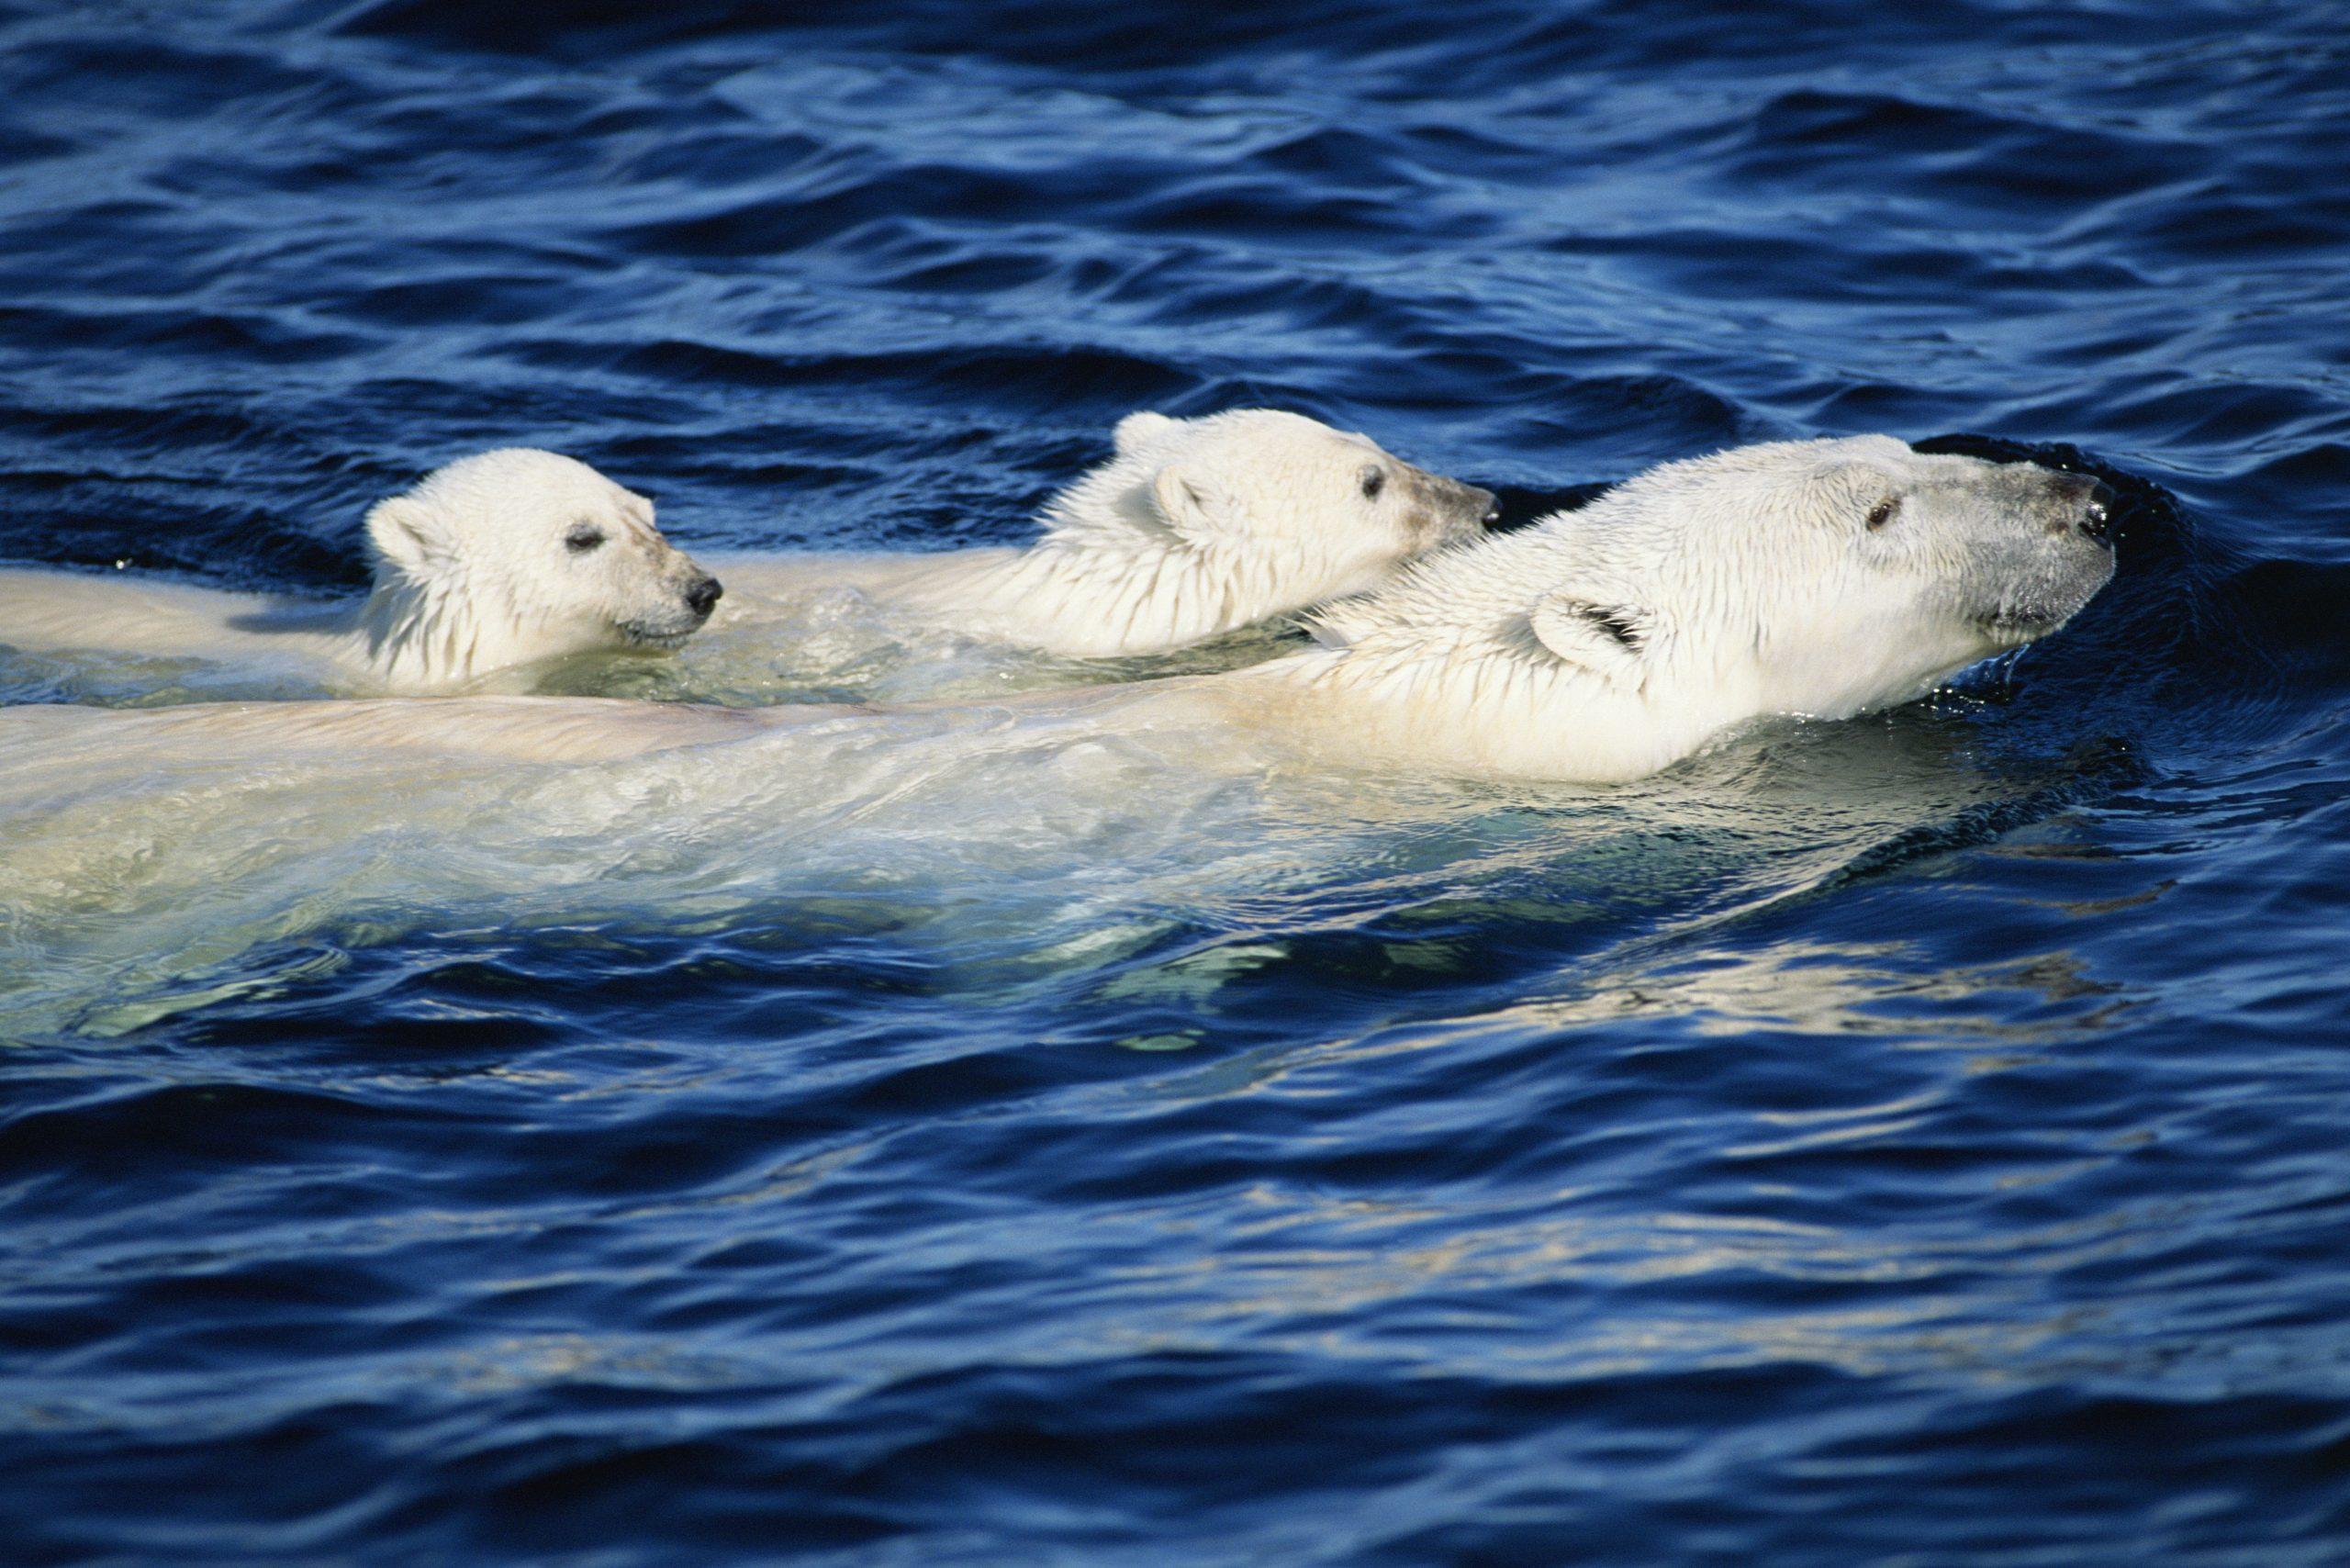 A exposición fotográfica Os nosos océanos estará en Burela, na praza do Concello, do 2 ao 18 de xullo.